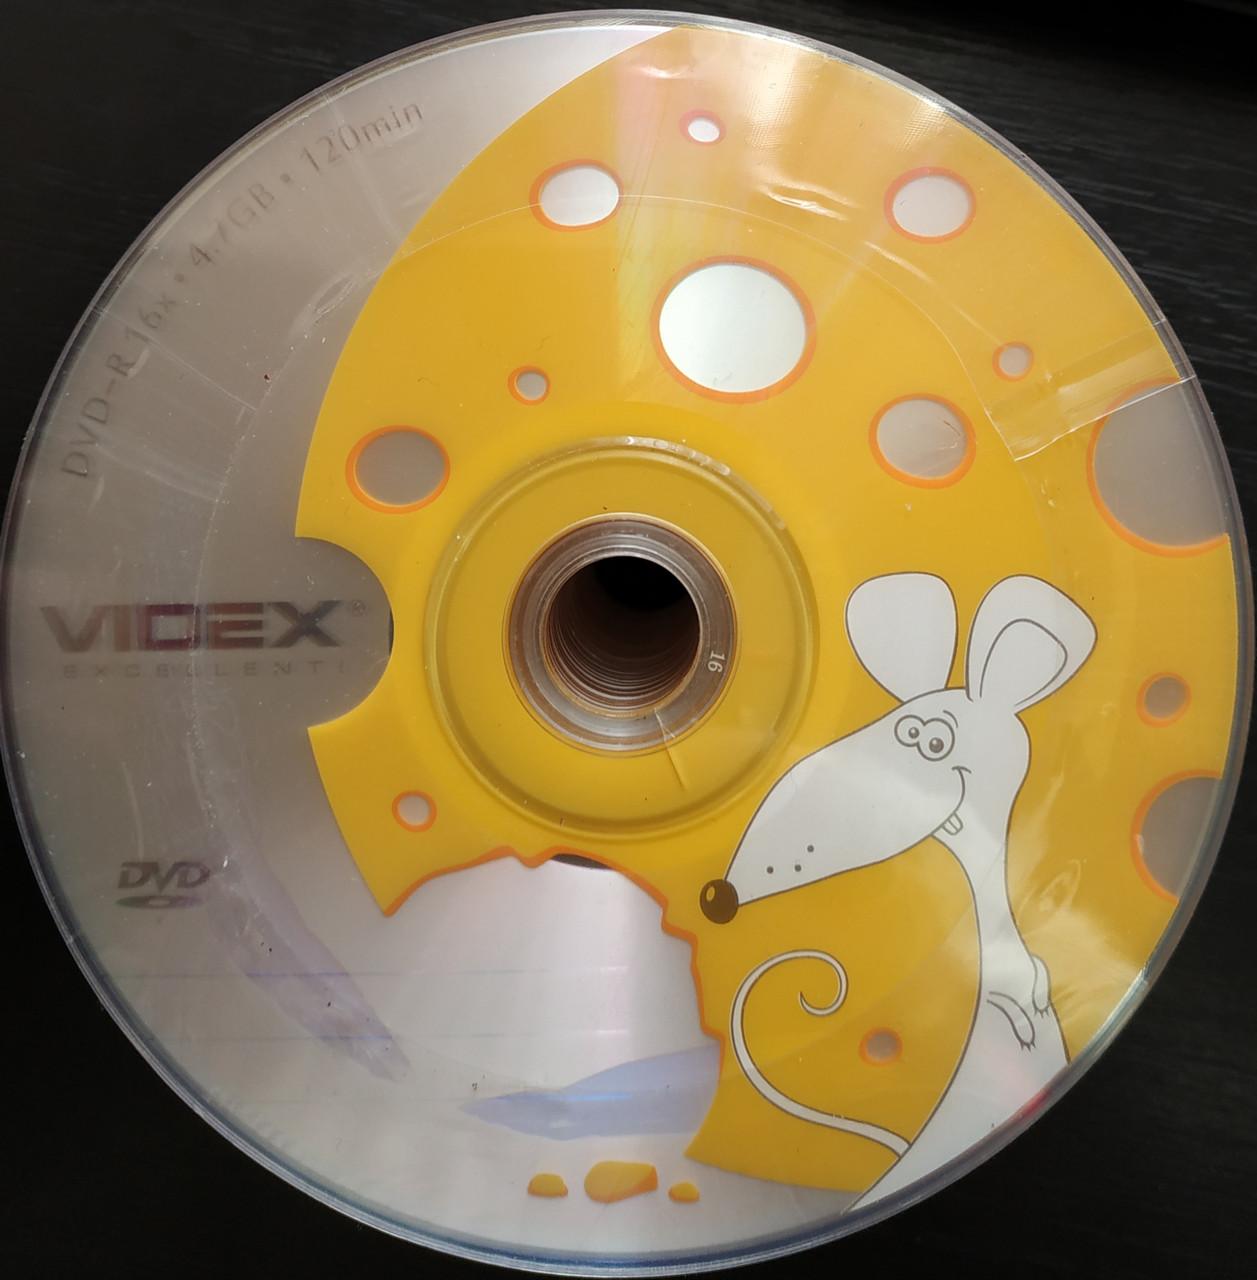 DVD  + R Videx 16 х (50 шт ) новогодние год крысы